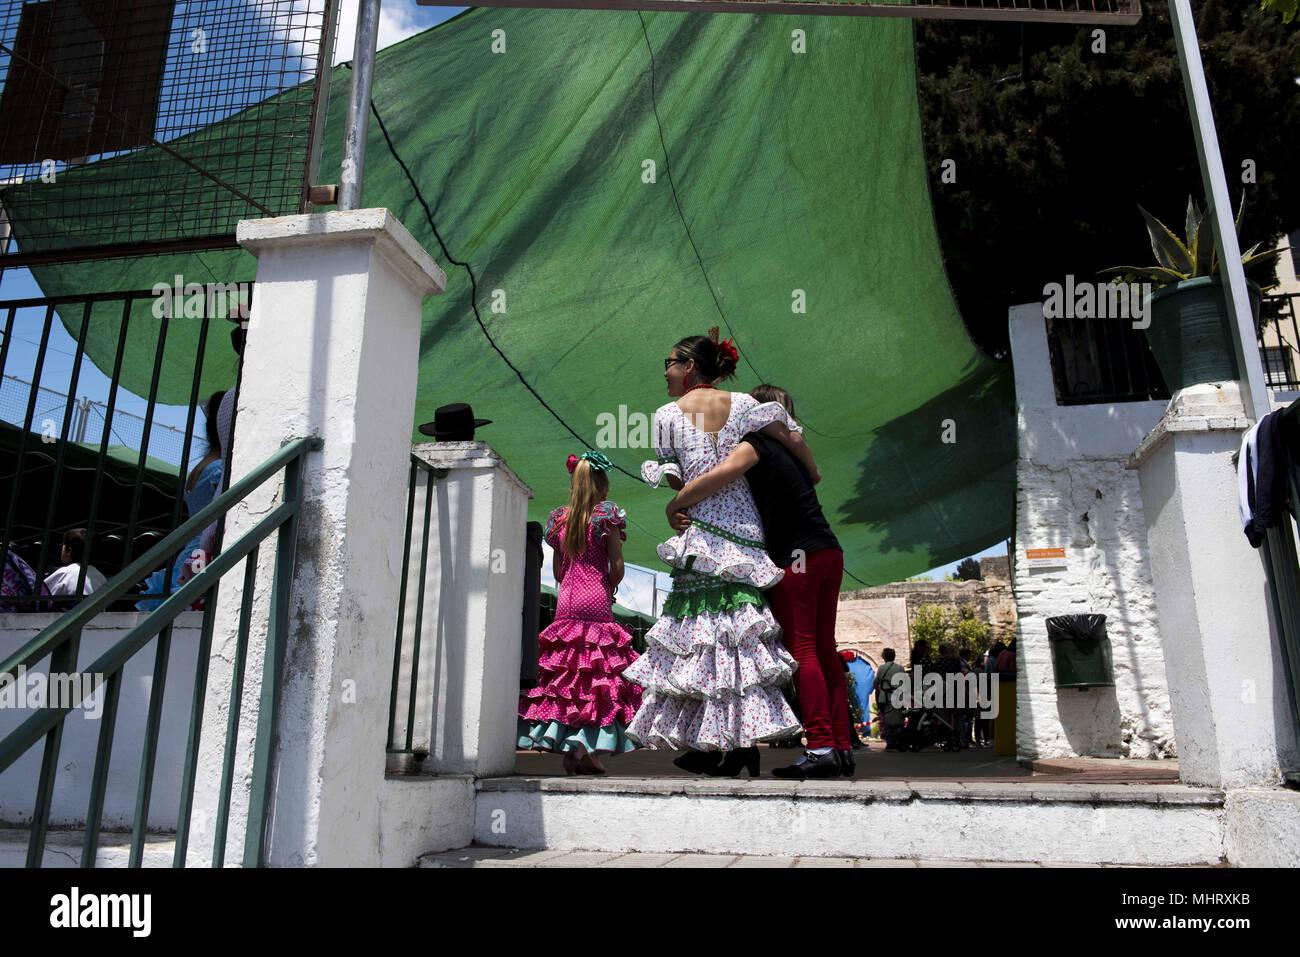 Atractivo Diseño Del Arte Del Uña En El País Imagen - Ideas de ...